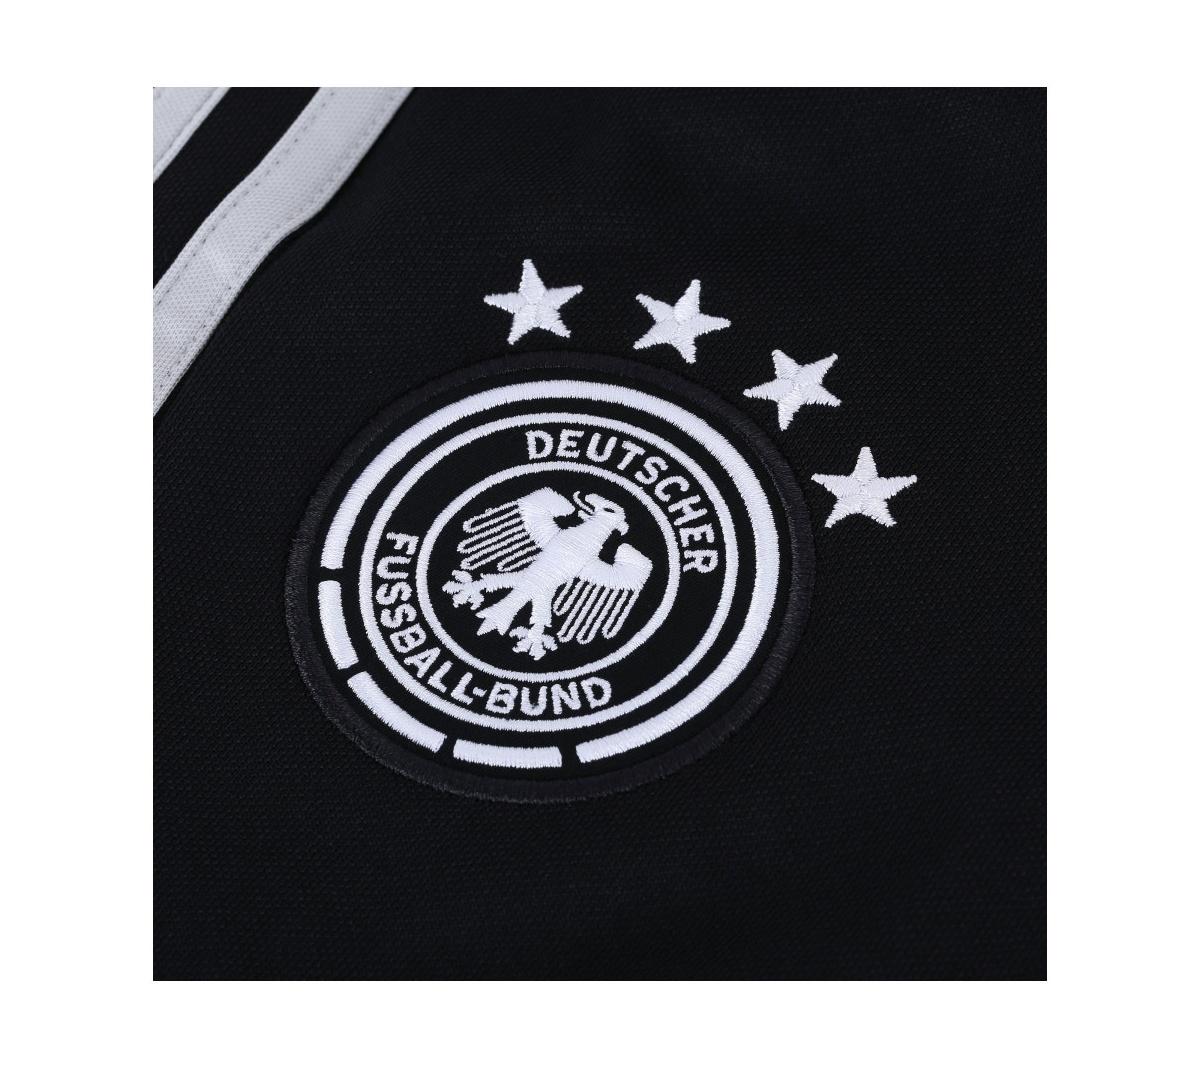 Calça de Treino Alemanha 2018 adidas - Masculina